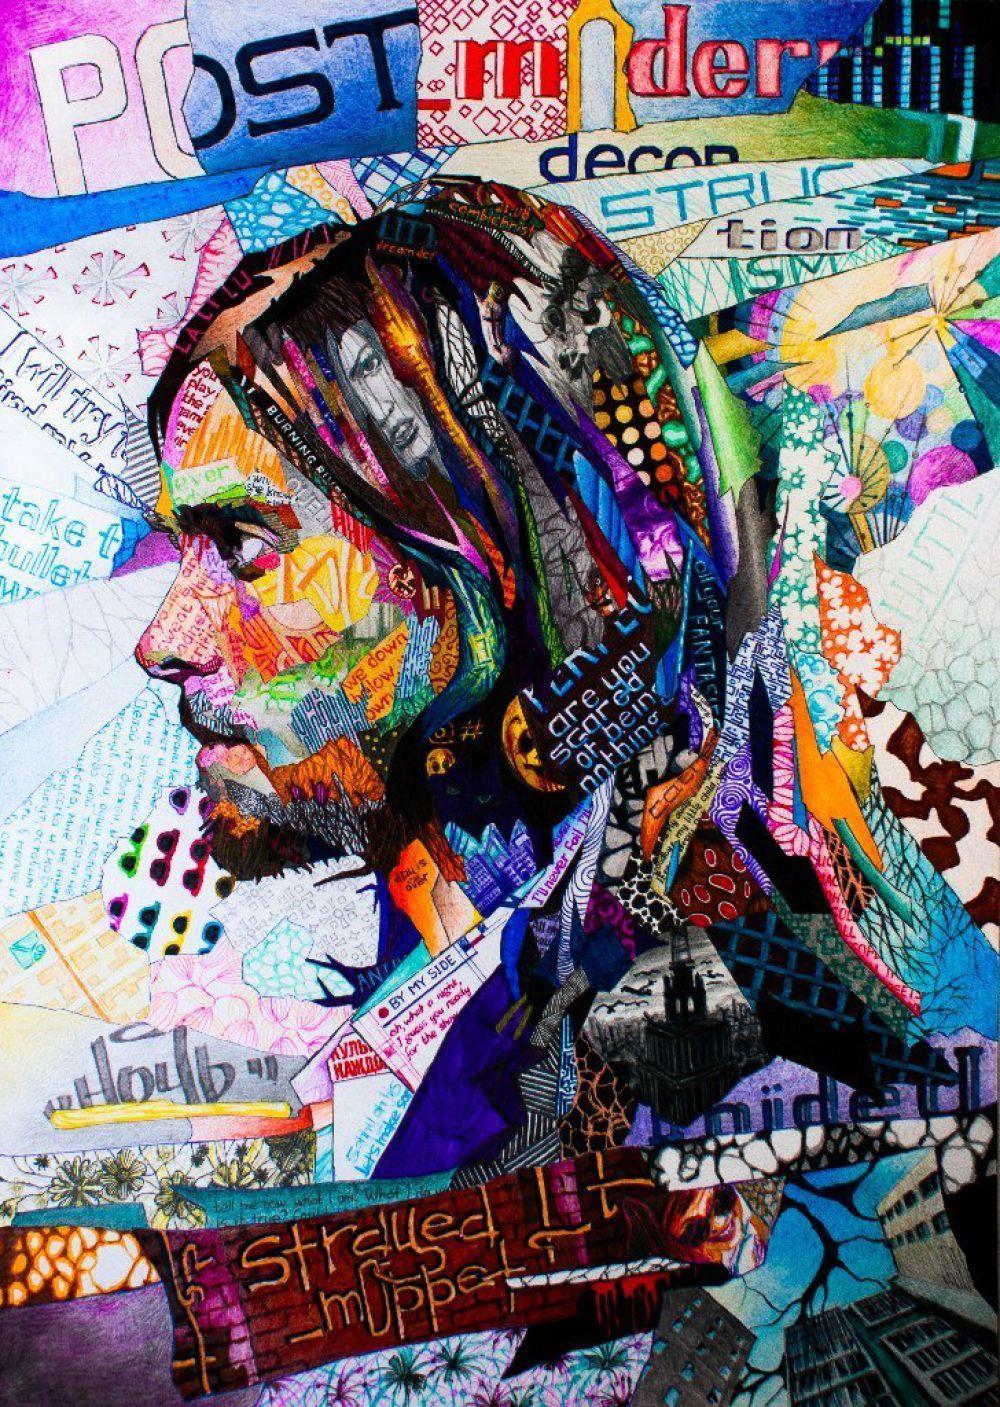 Джаред Джозеф Лето – американский актёр и рок-певец, вокалист альтернативной рок-группы Thirty Seconds to Mars. Первая полноценная работа Марка Кучерова в новом стиле.